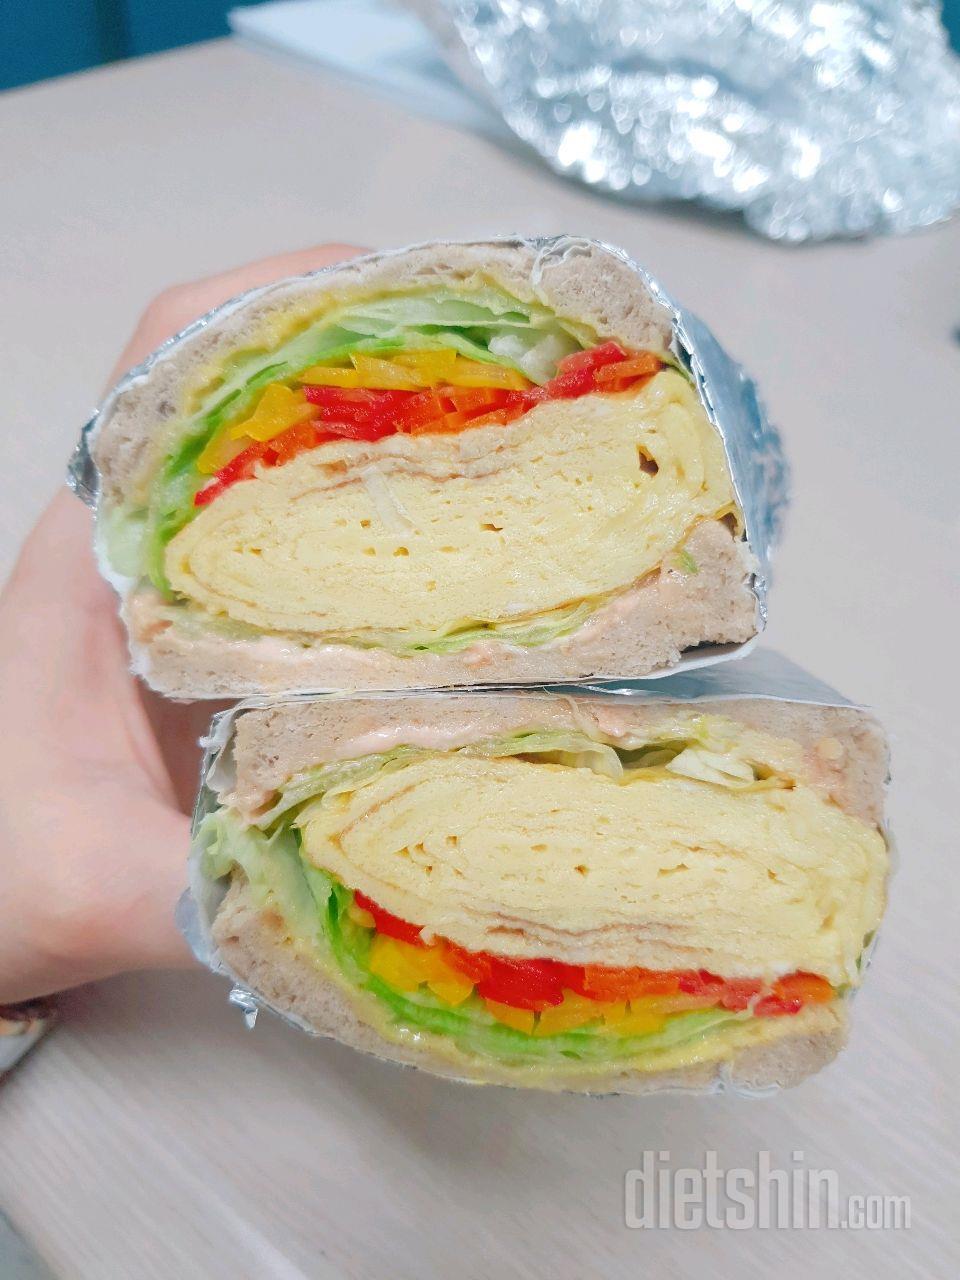 타마고산도 샌드위치